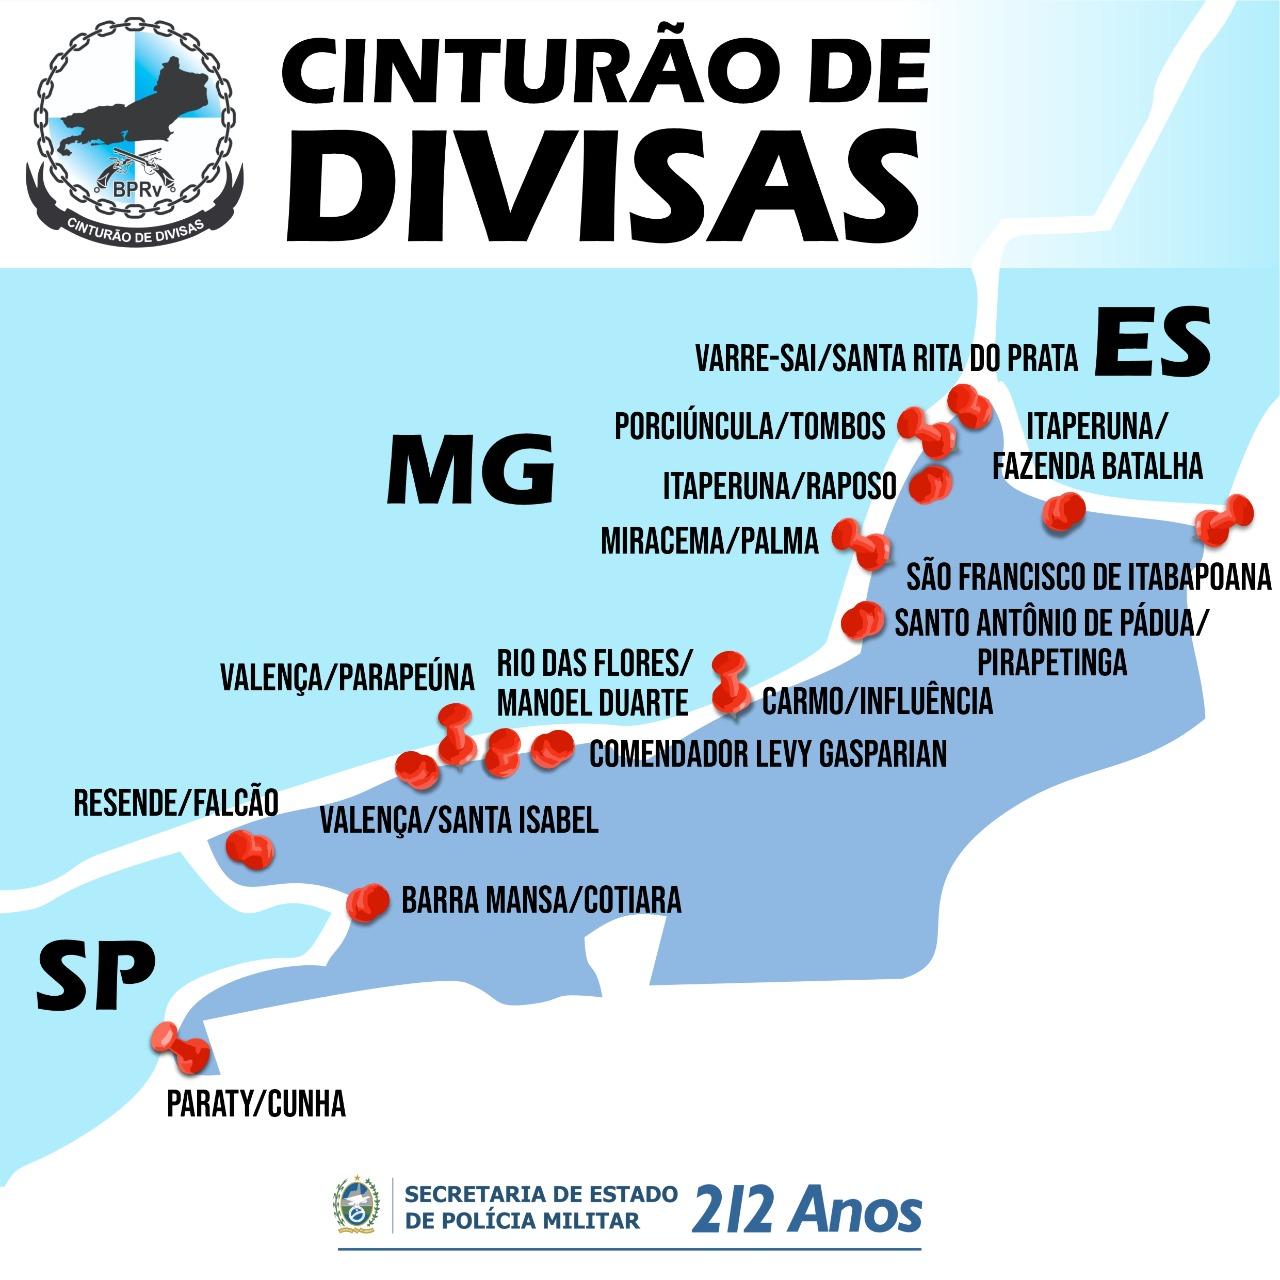 A localização das bases do Cinturão de Divisas (Divulgação: SEPM)